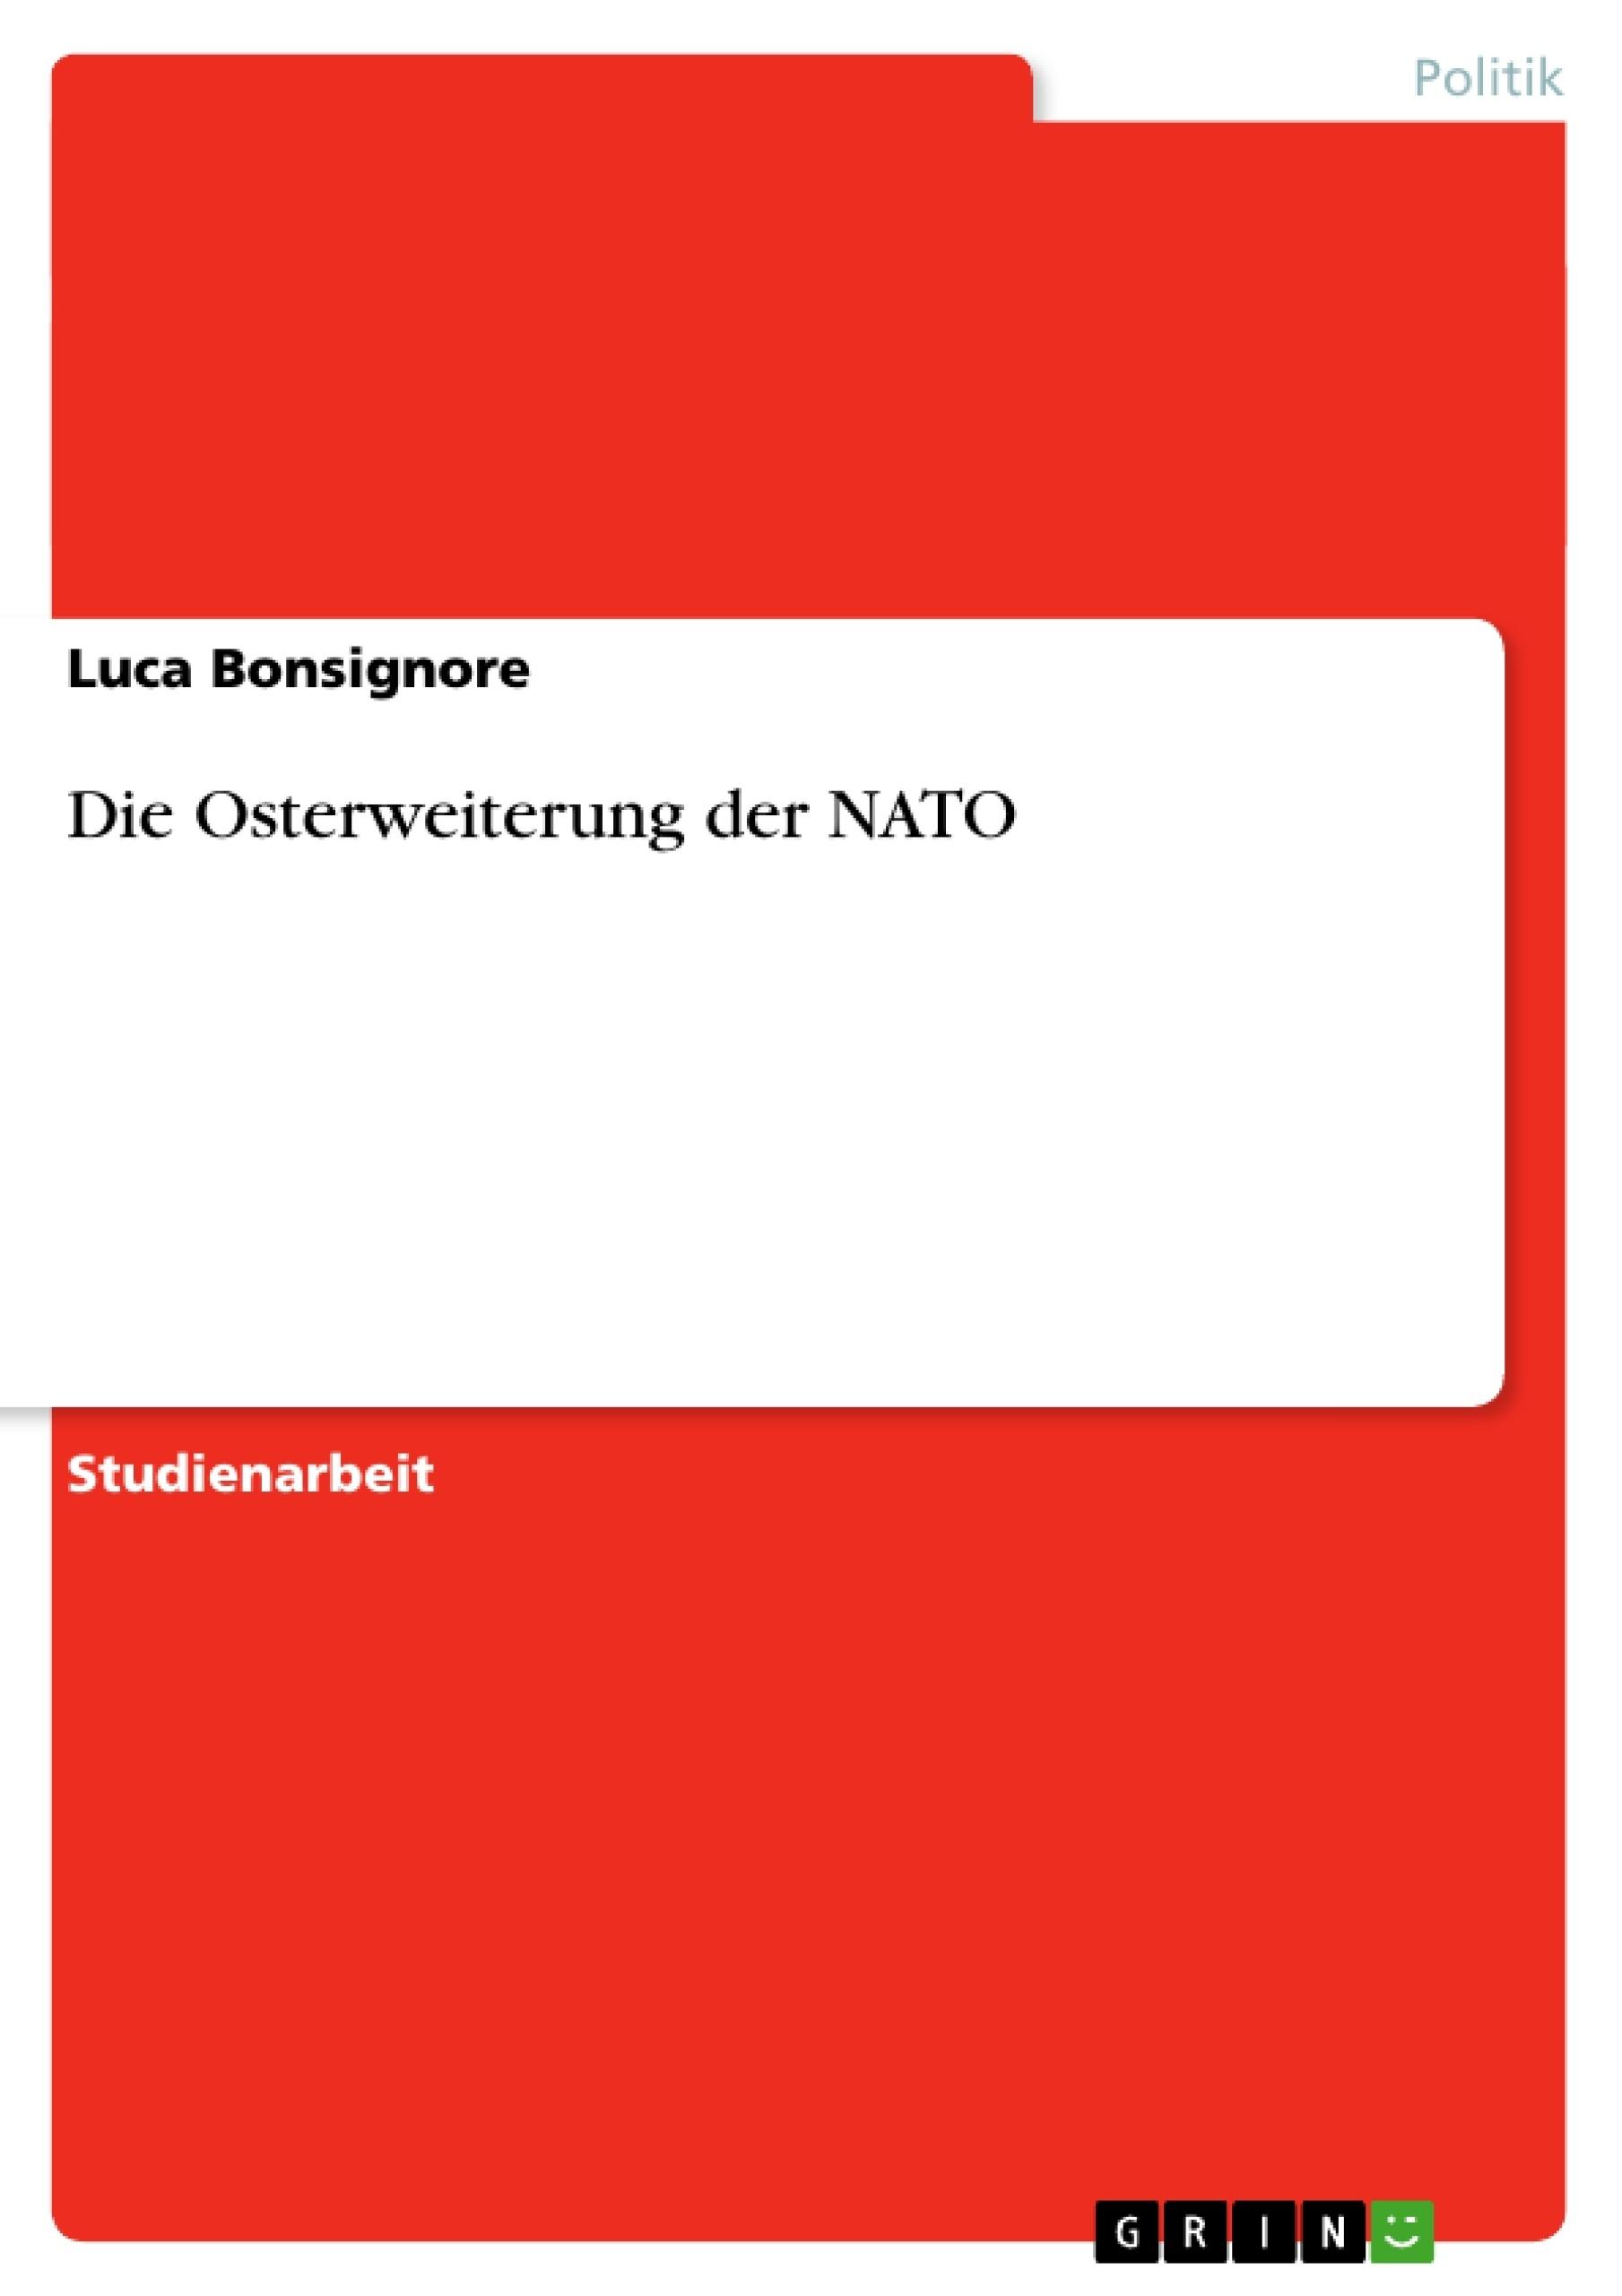 Titel: Die Osterweiterung der NATO